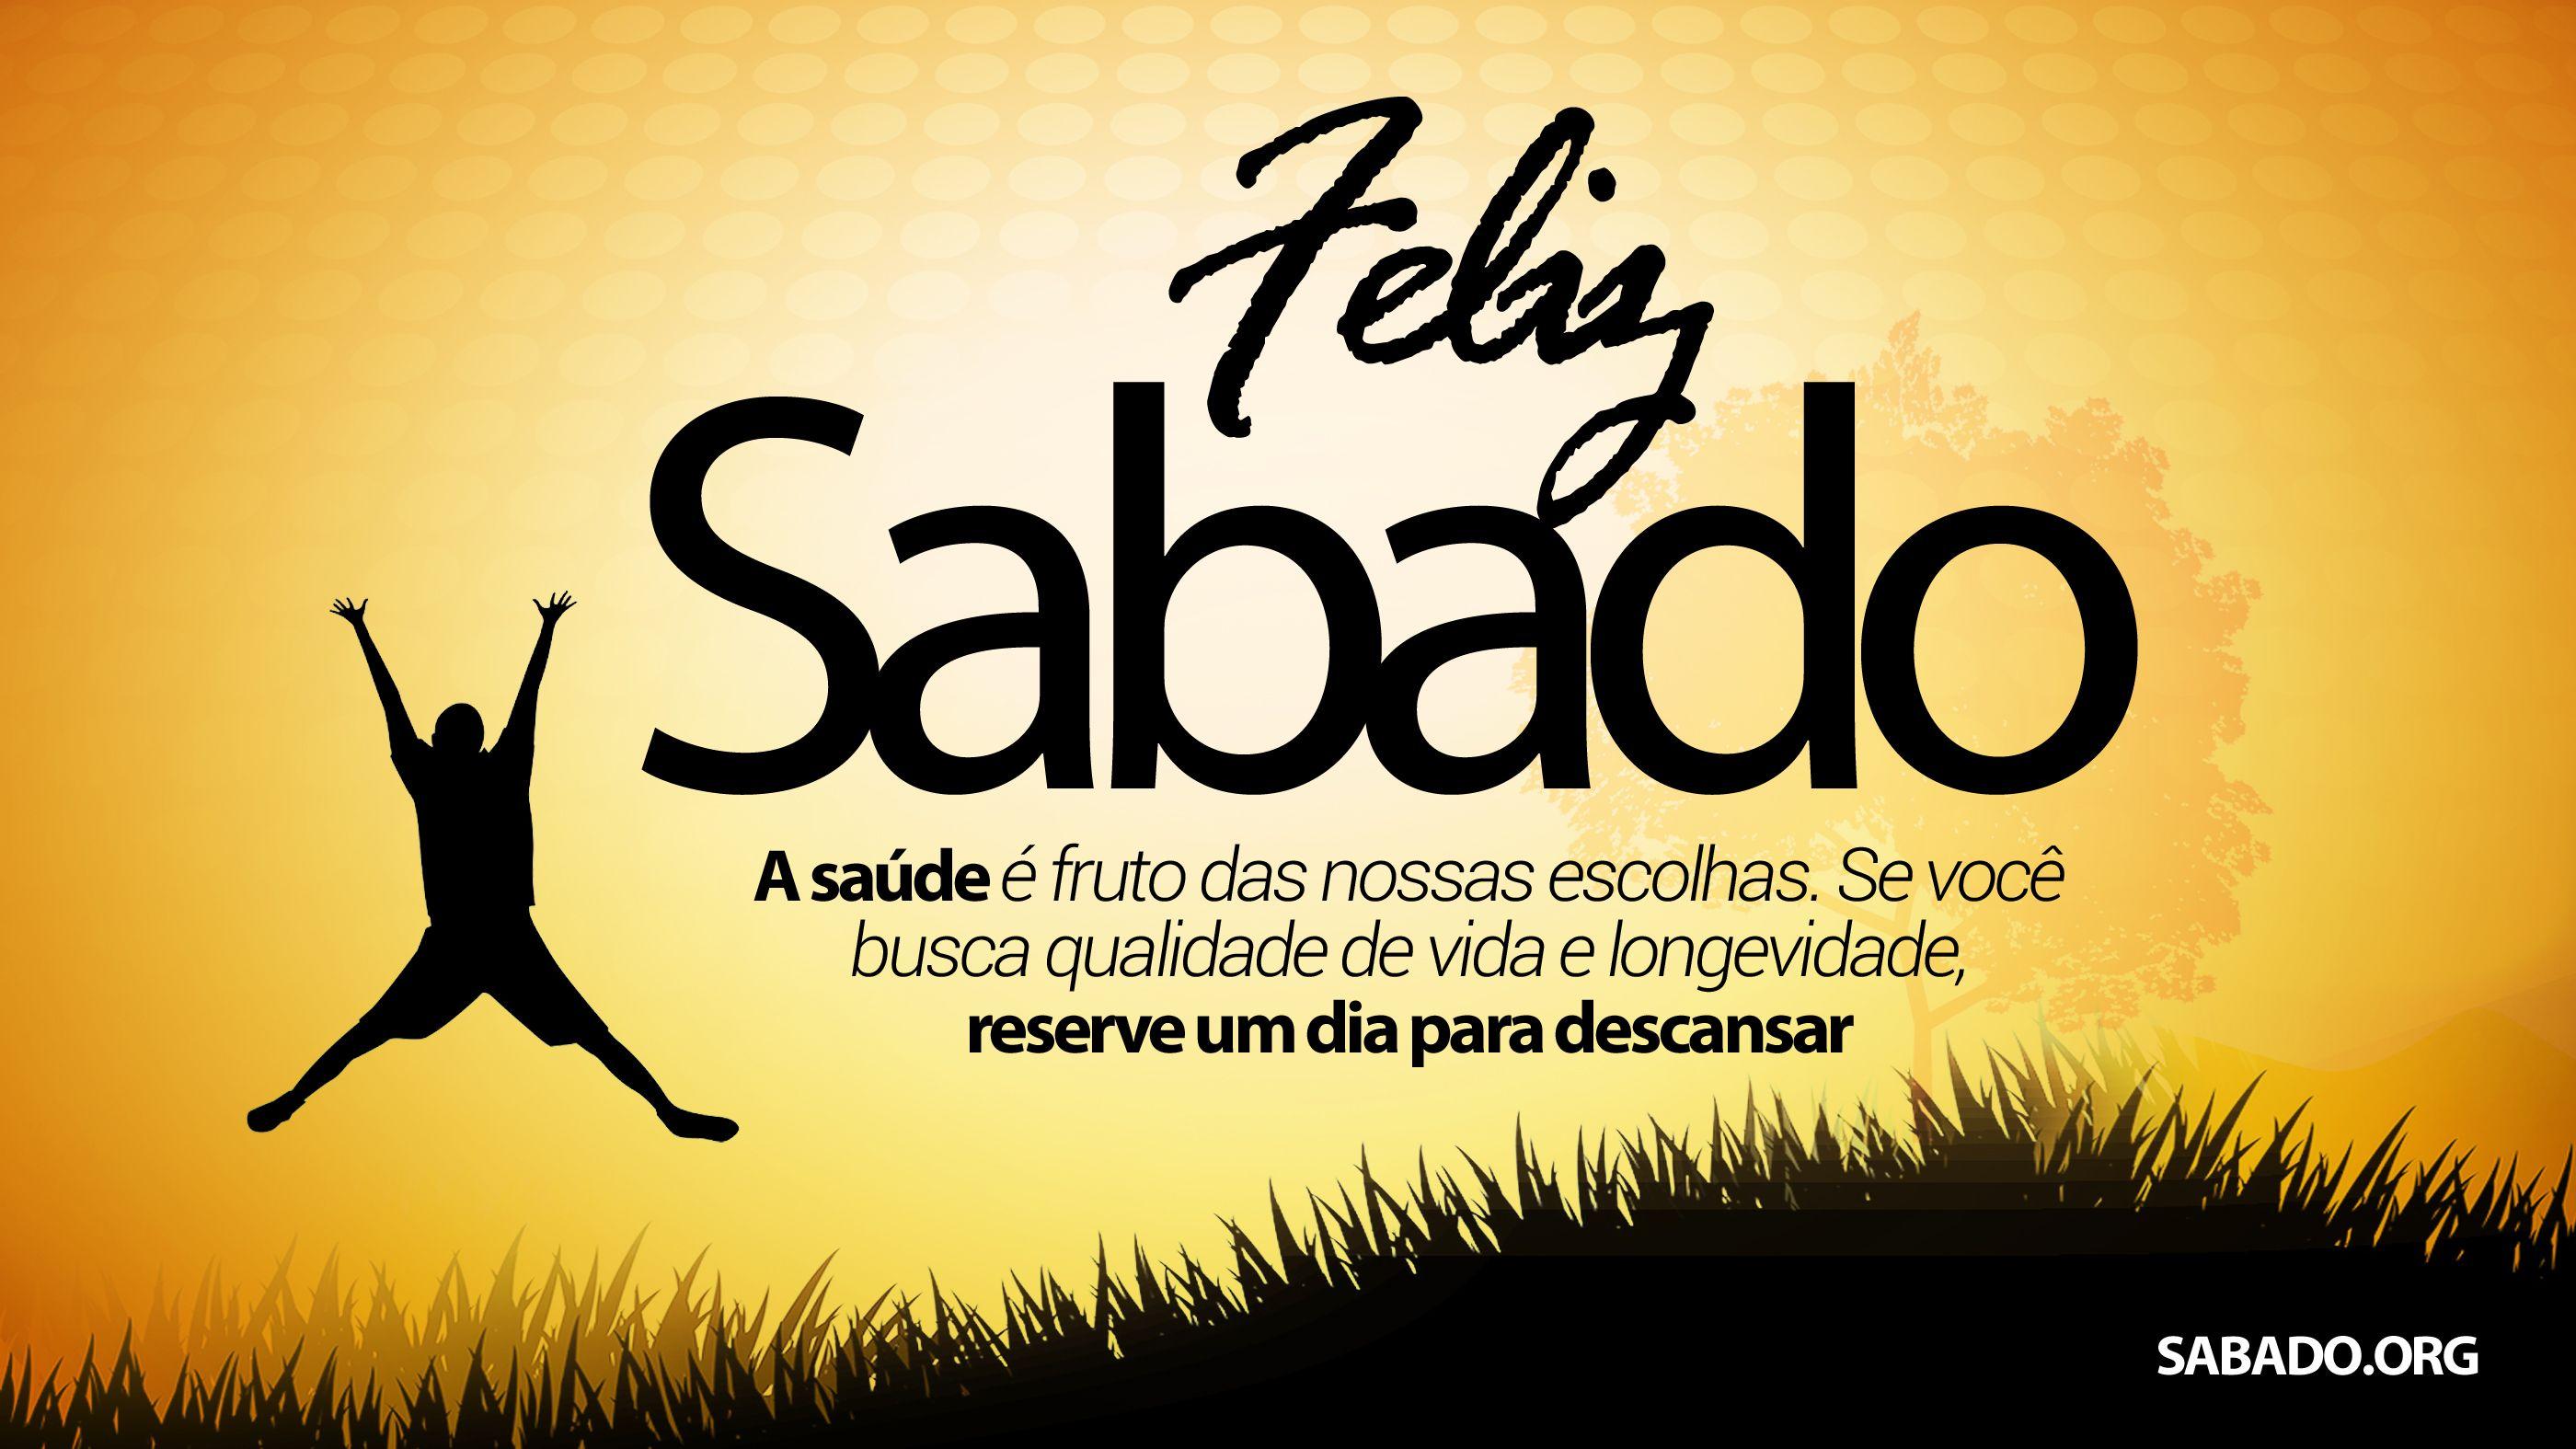 Bom Dia Sabado Animado: Feliz Sábado =) Www.sabado.org